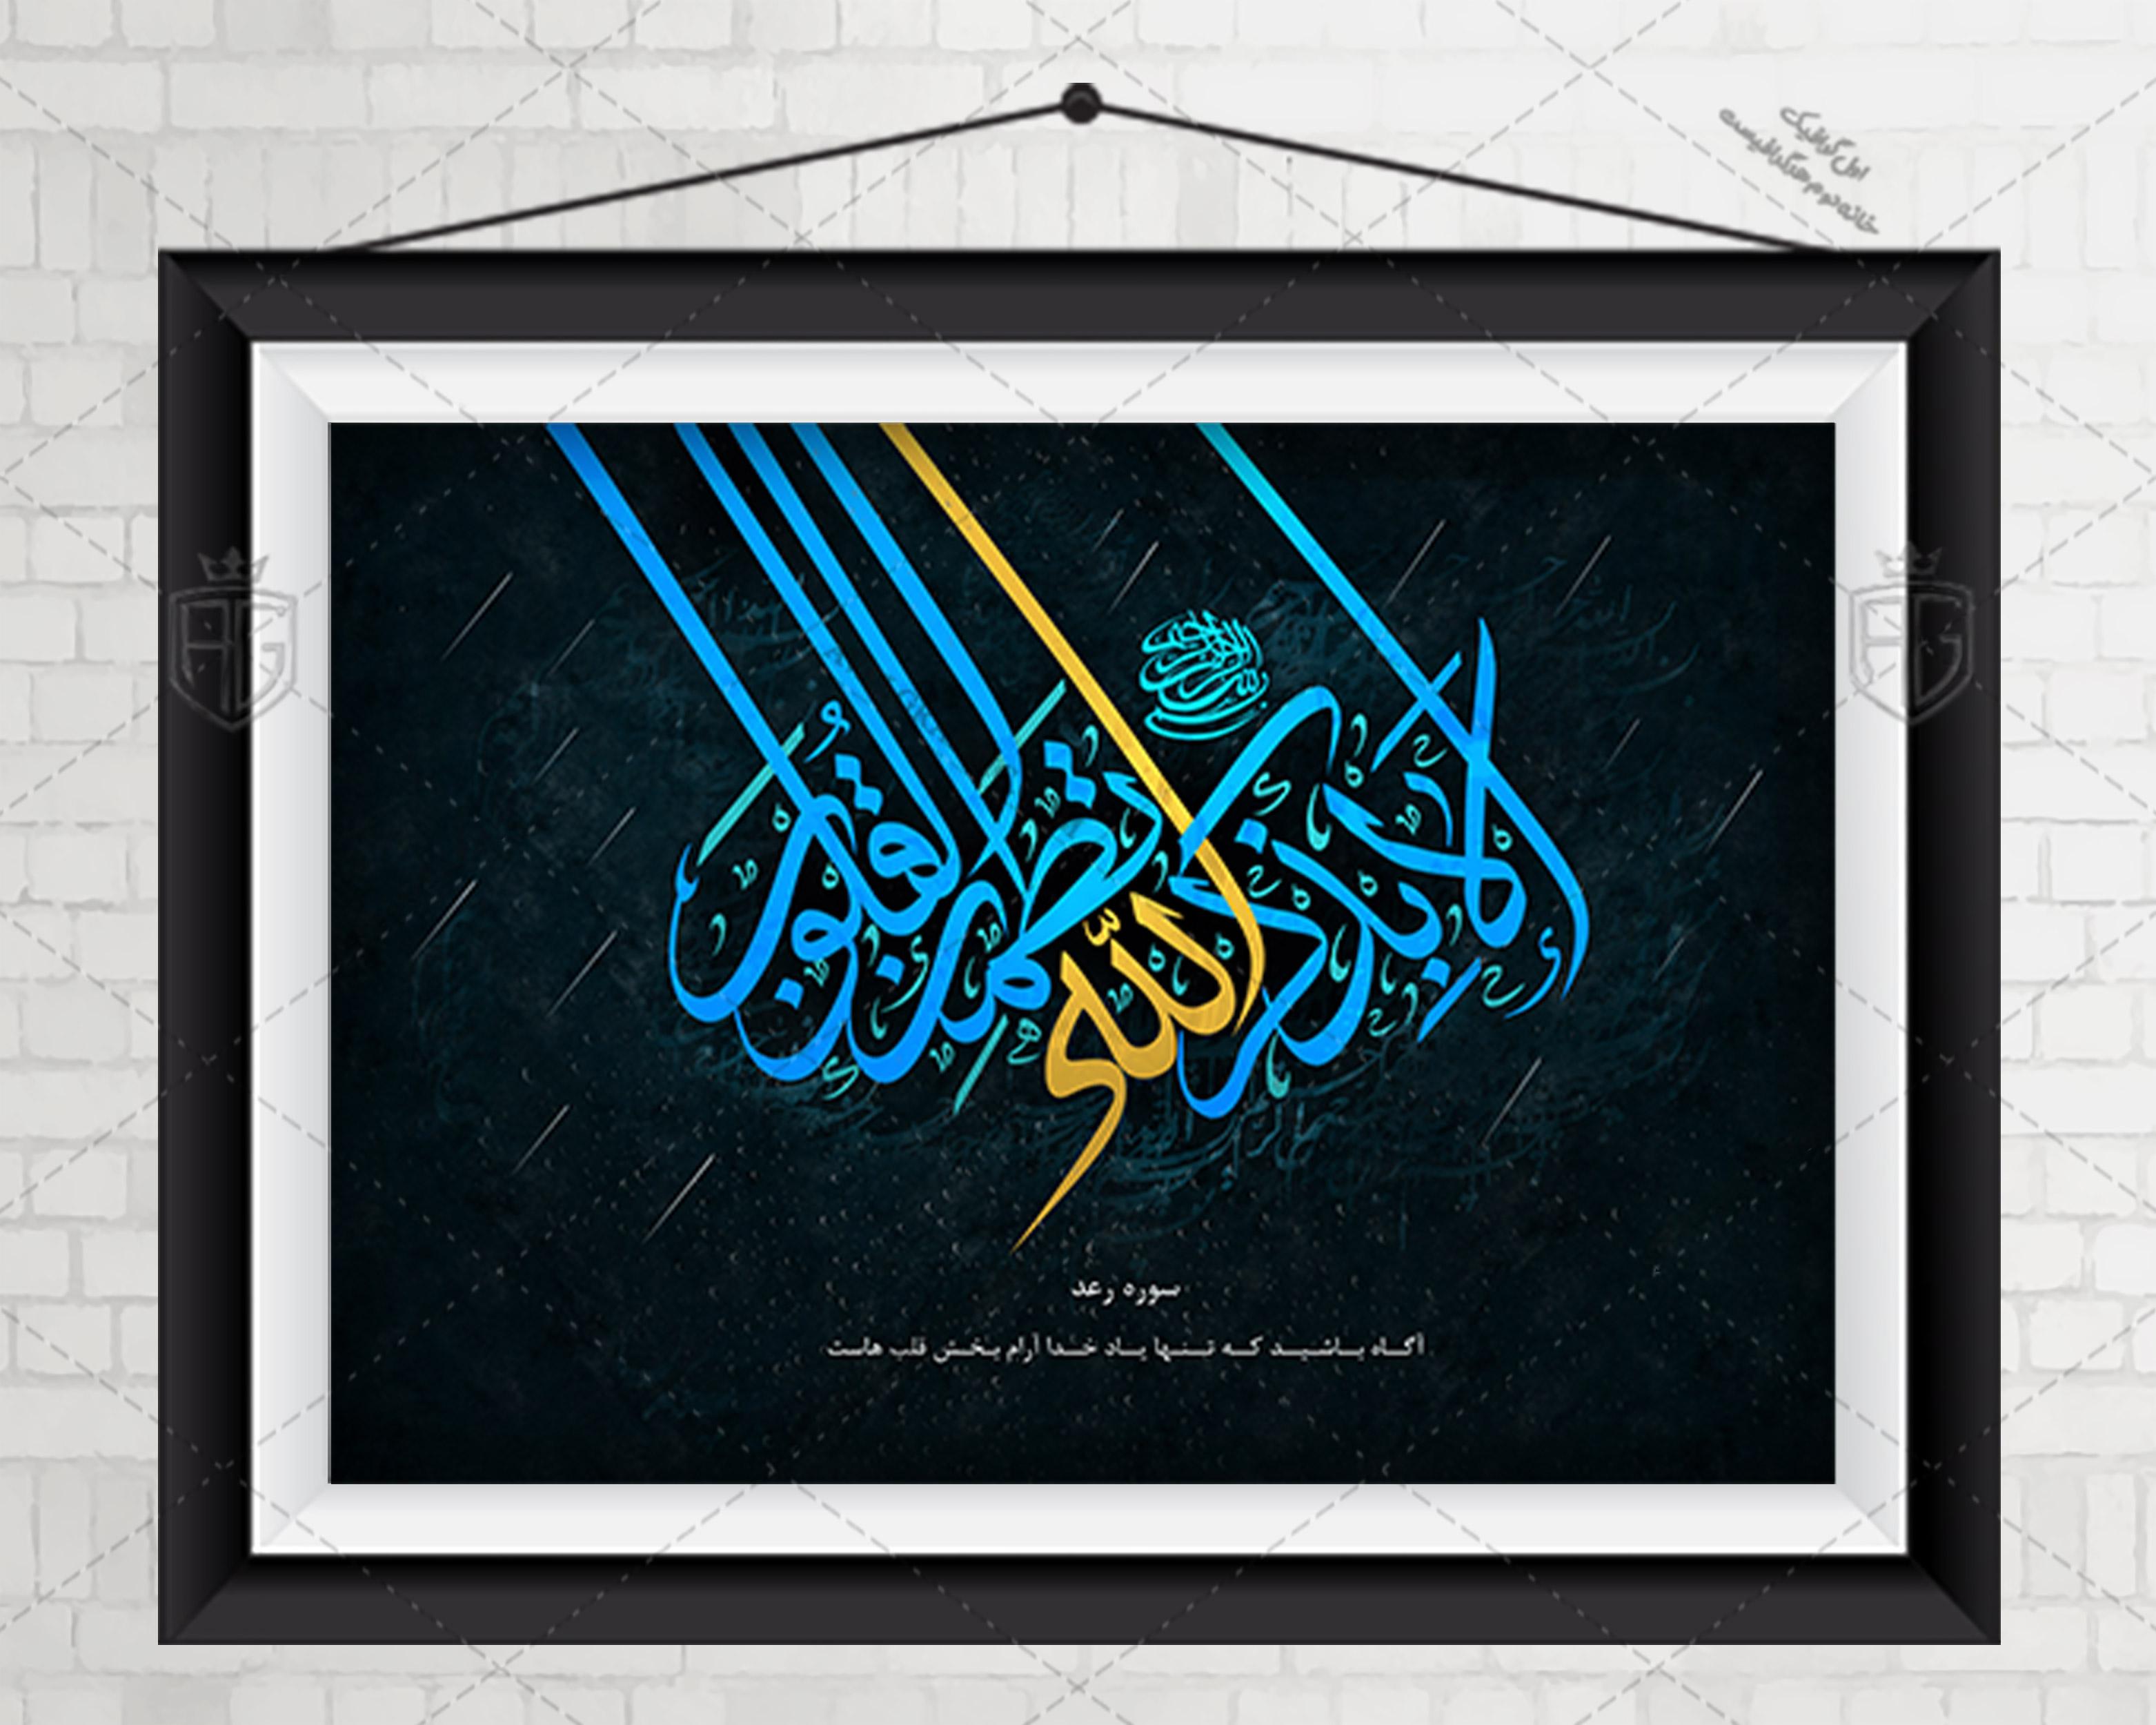 تایپوگرافی آیه قرآن